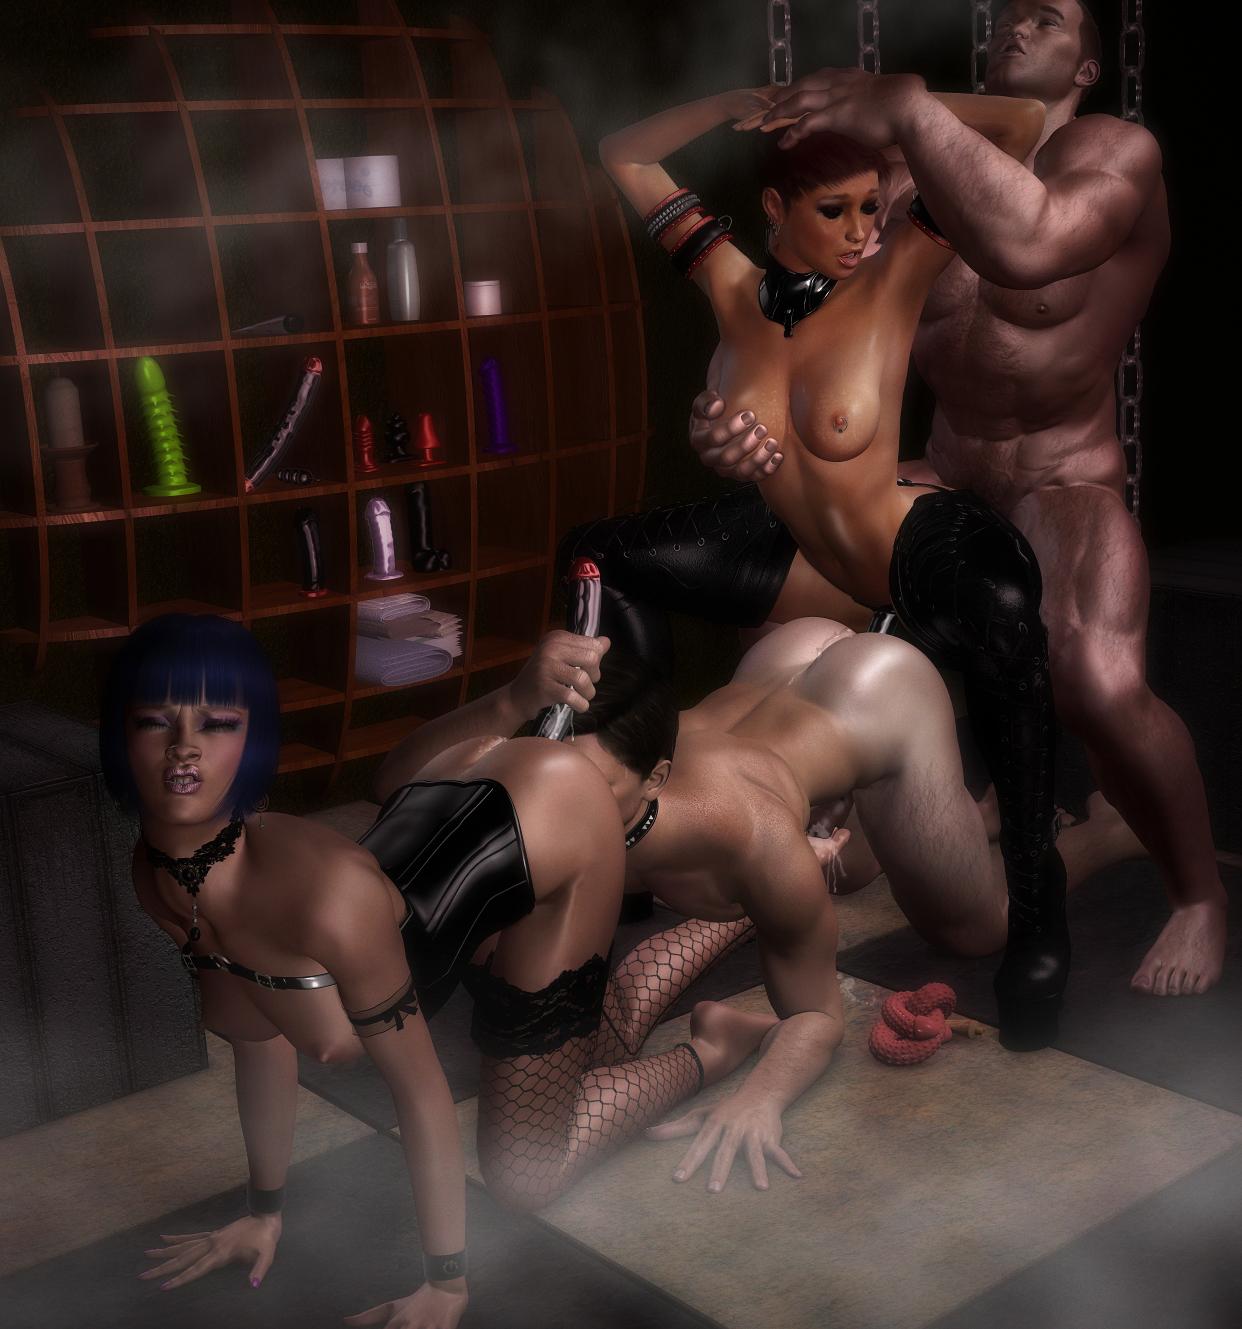 Bondage fantasy pictures sexual movie